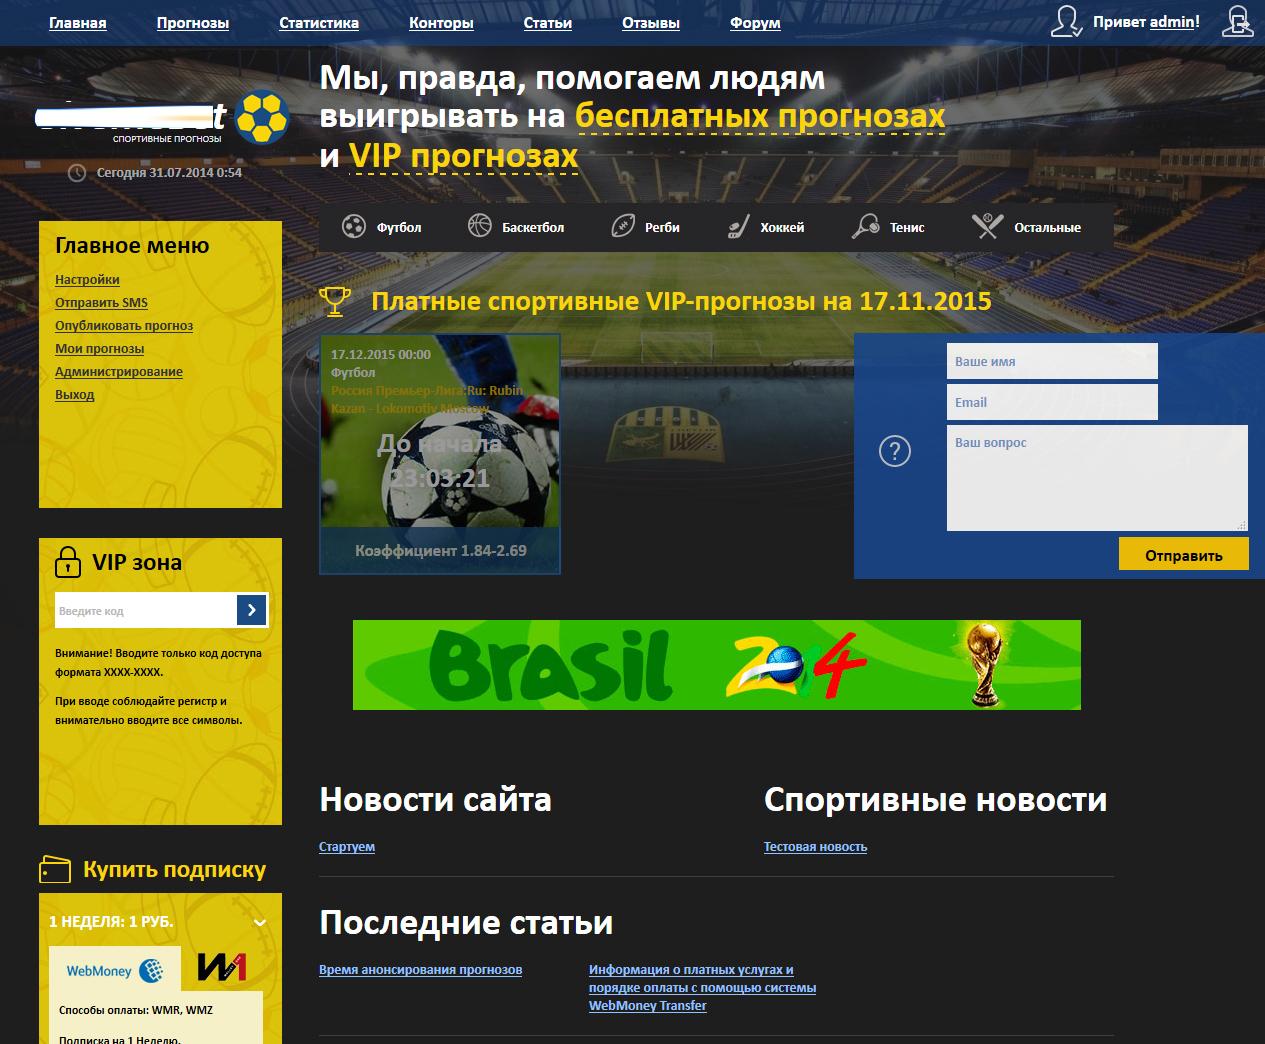 Скрипты спорт прогнозам сайт live ставки на спорт